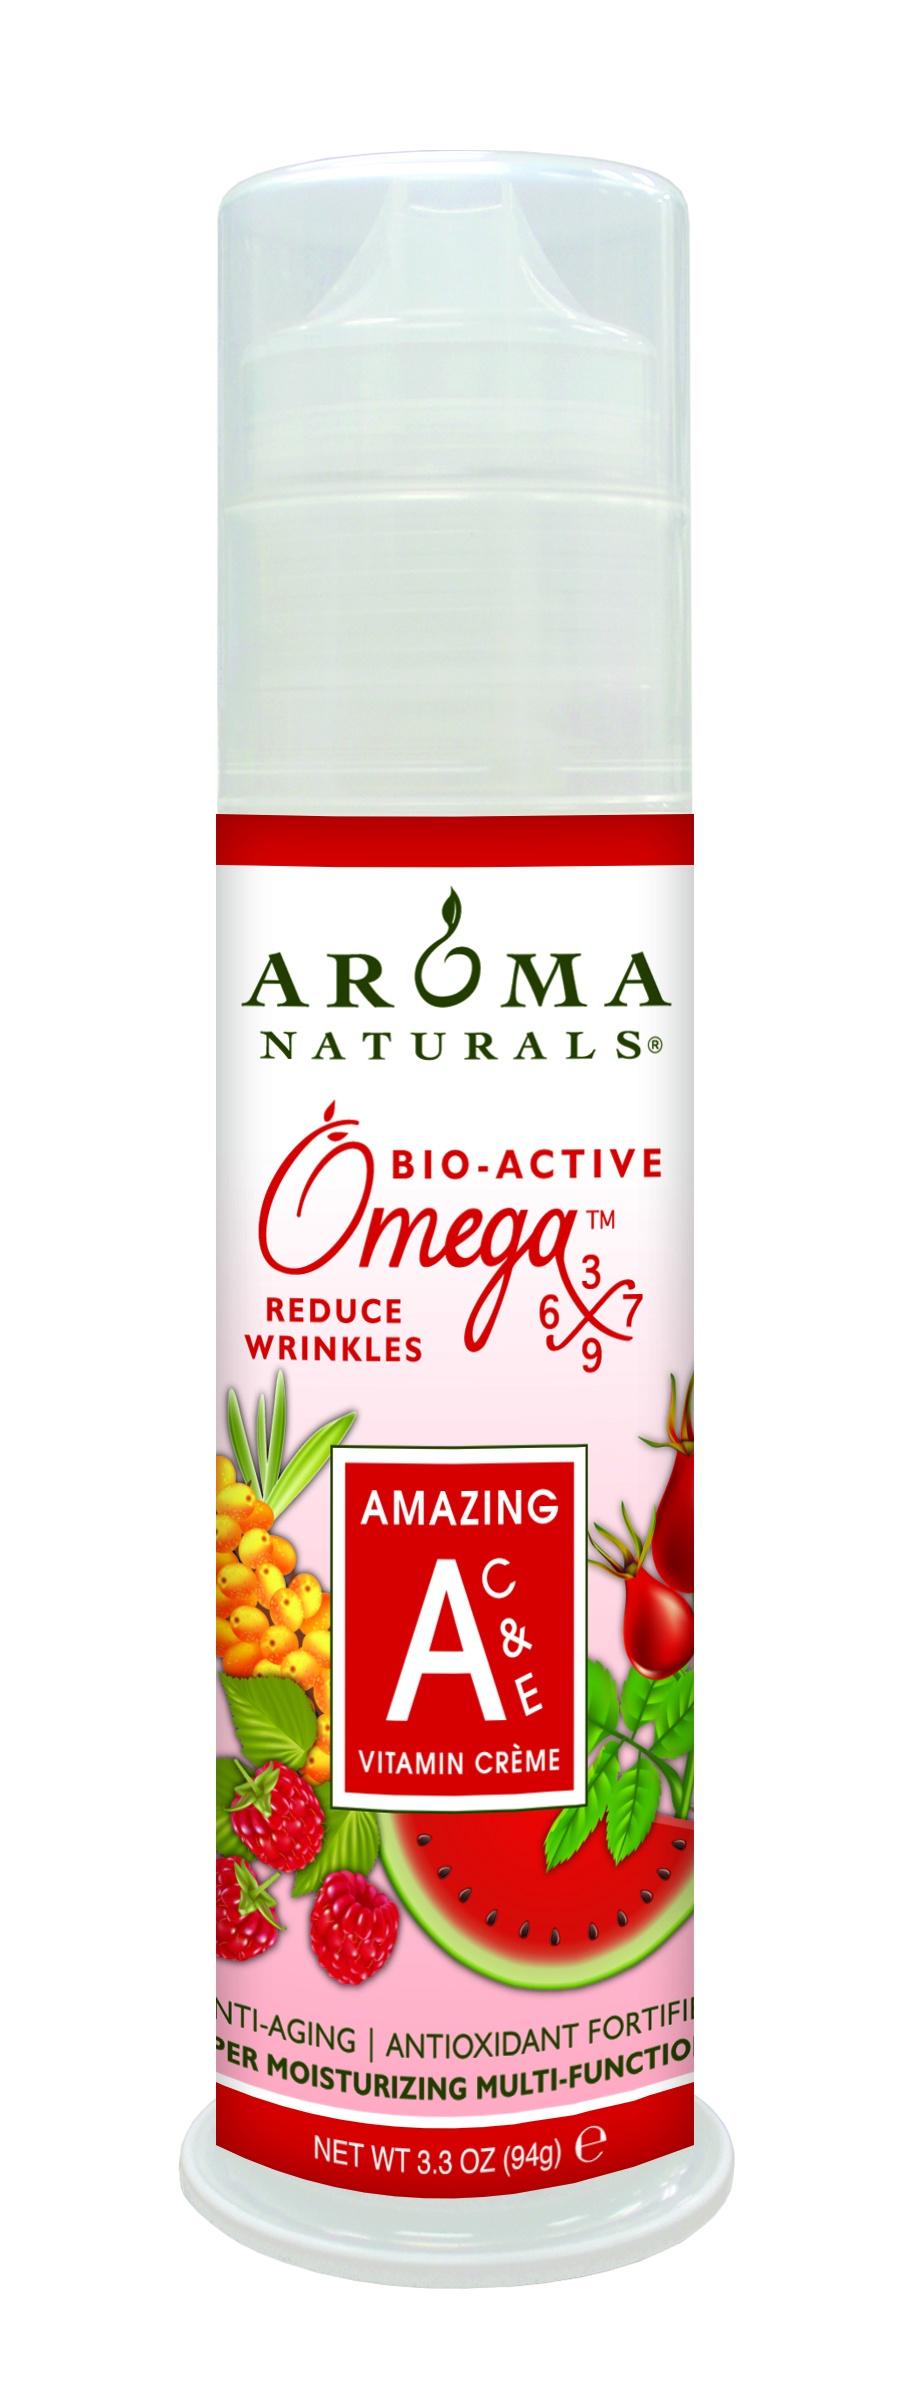 Aroma Naturals Крем с витамином А, 94 г крем amazing aroma naturals